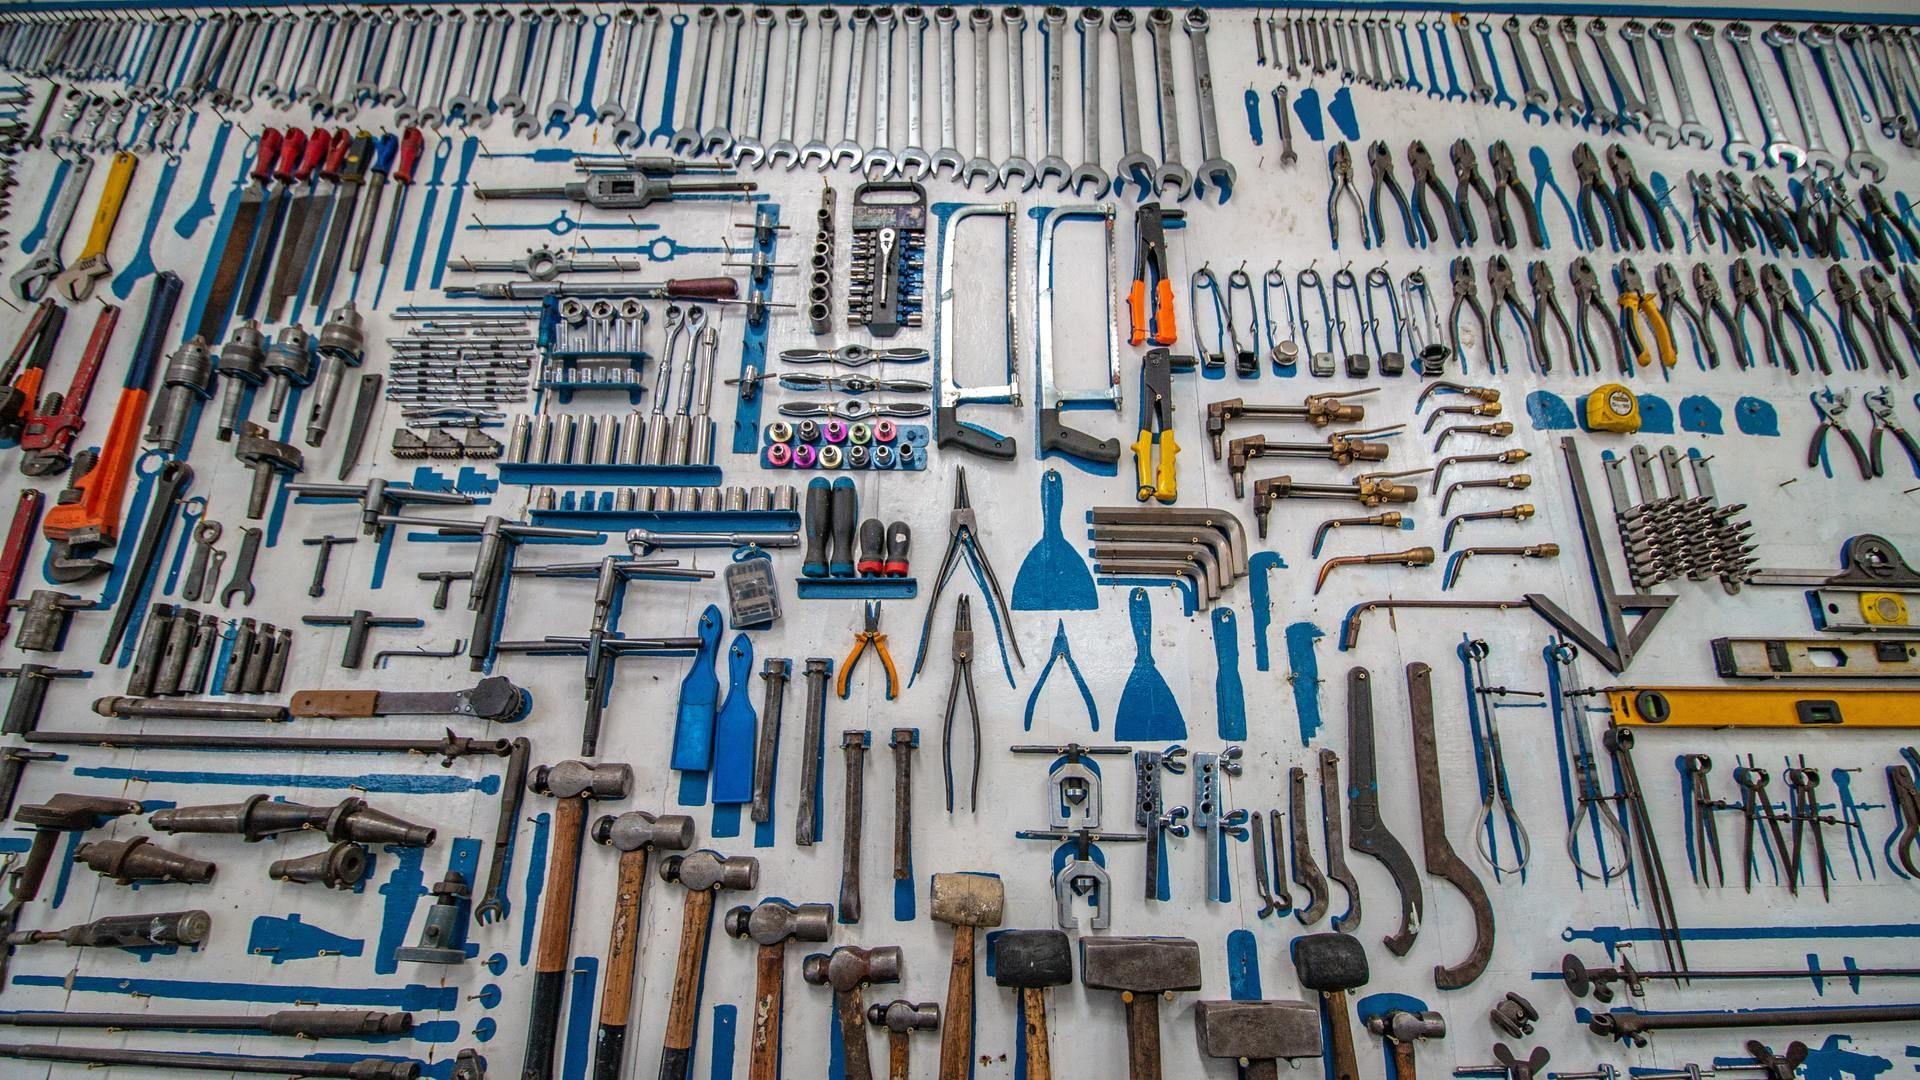 Lots of handheld tools.